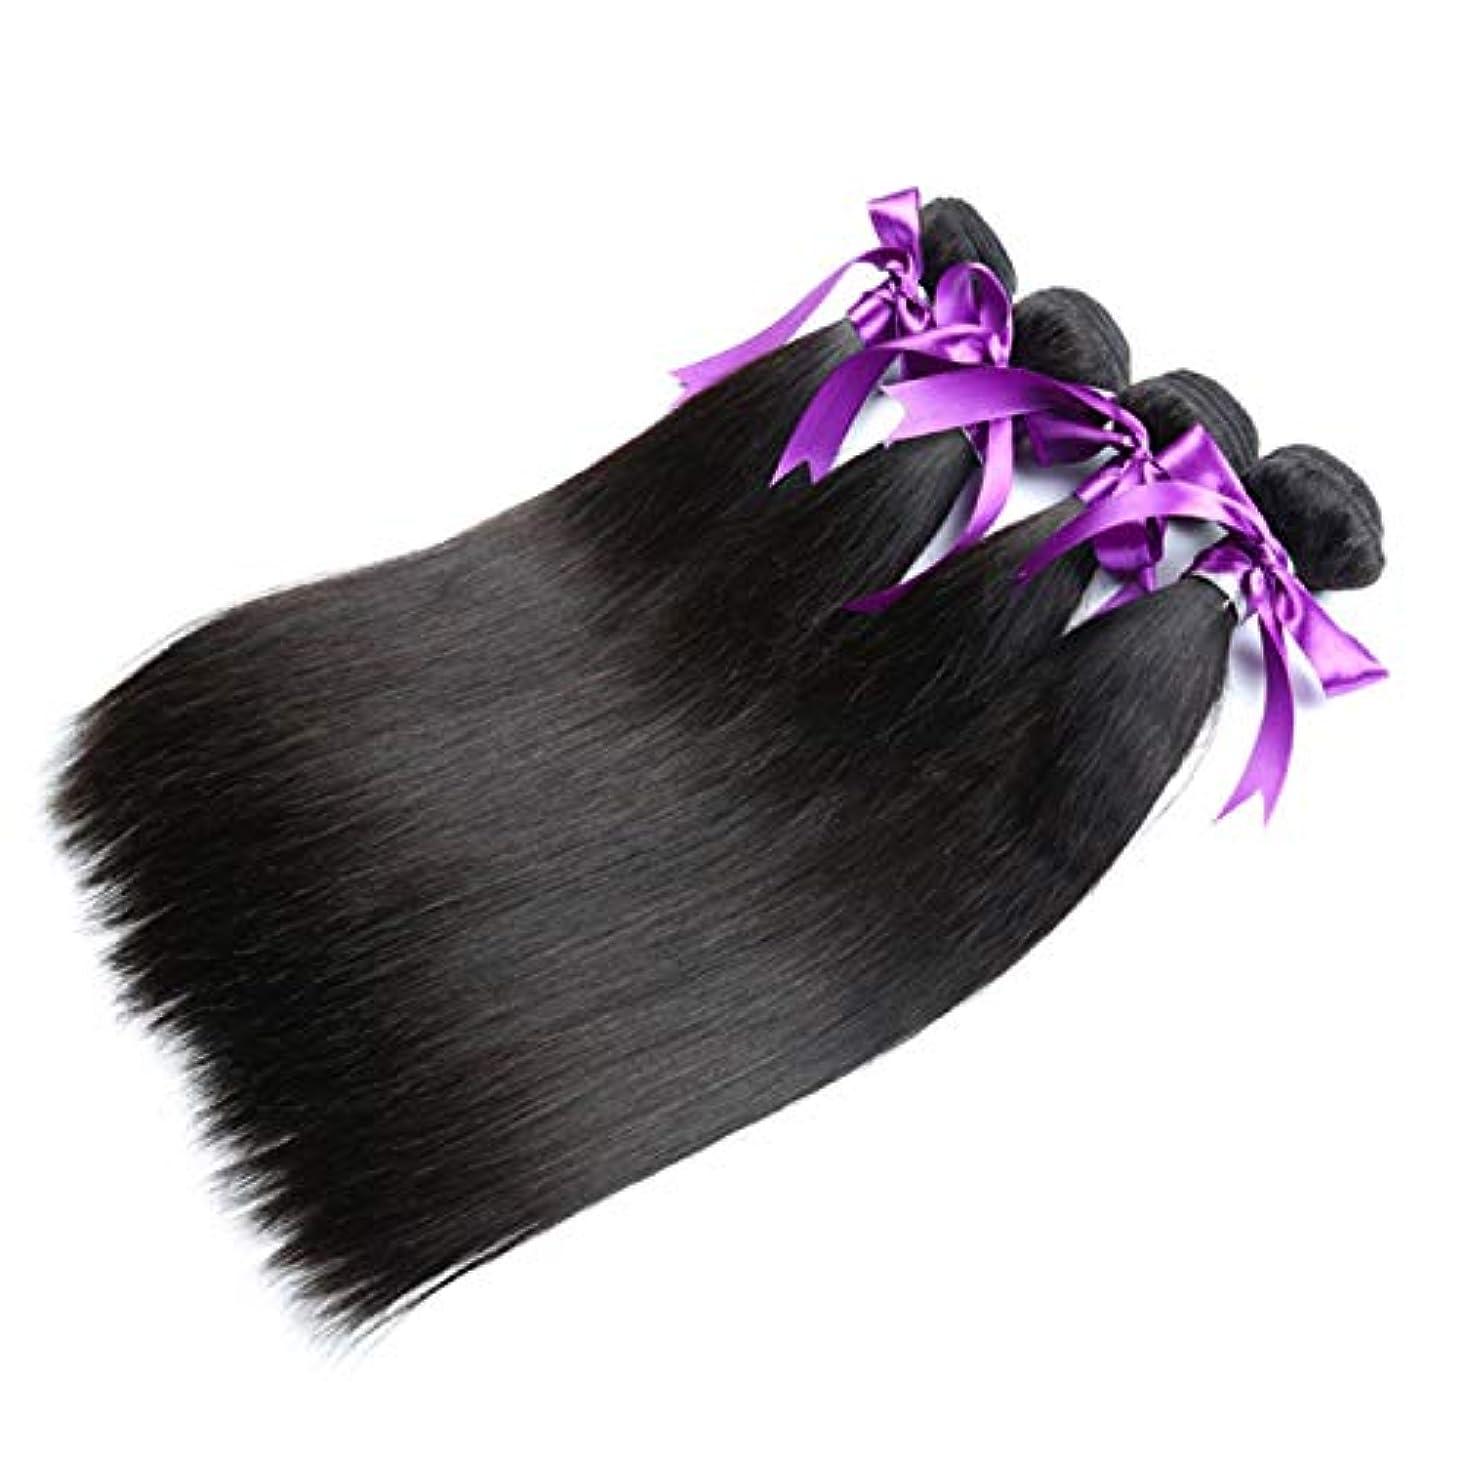 熟読する付属品いつかつら ペルーのストレートヘア4本の人間の髪の毛の束非レミーの毛の延長ナチュラルブラック (Length : 18 20 22 22)